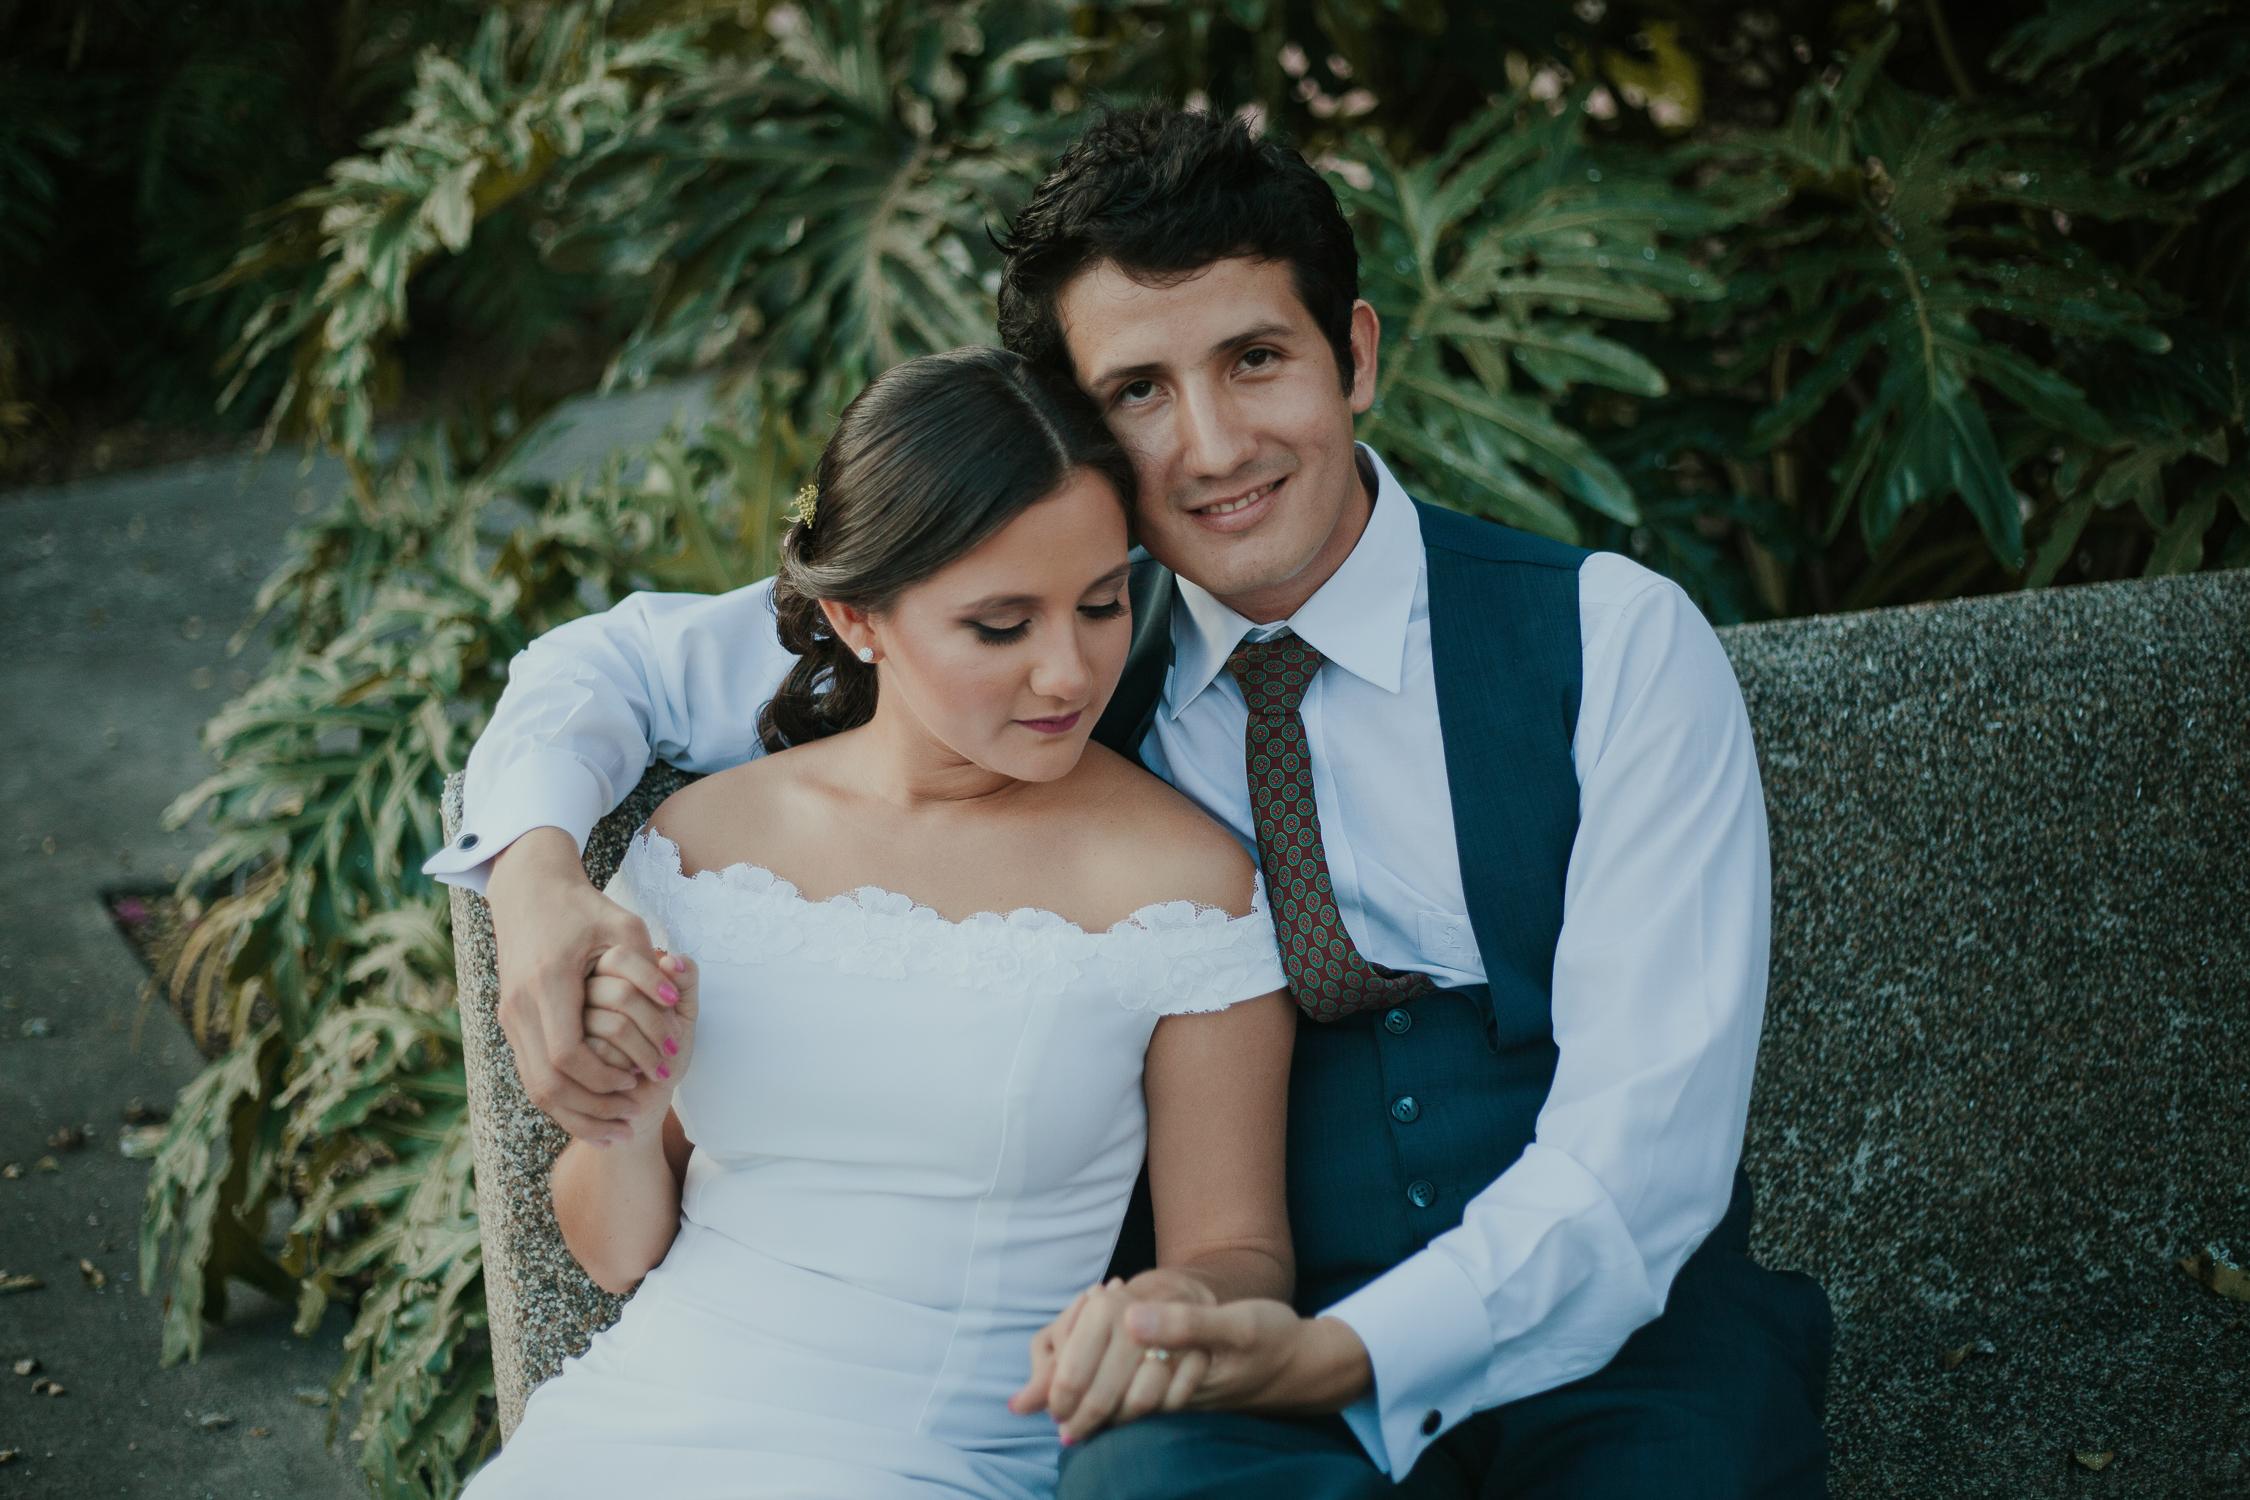 Michelle-Agurto-Fotografia-Bodas-Ecuador-Destination-Wedding-Photographer-Adriana-Allan-29.JPG